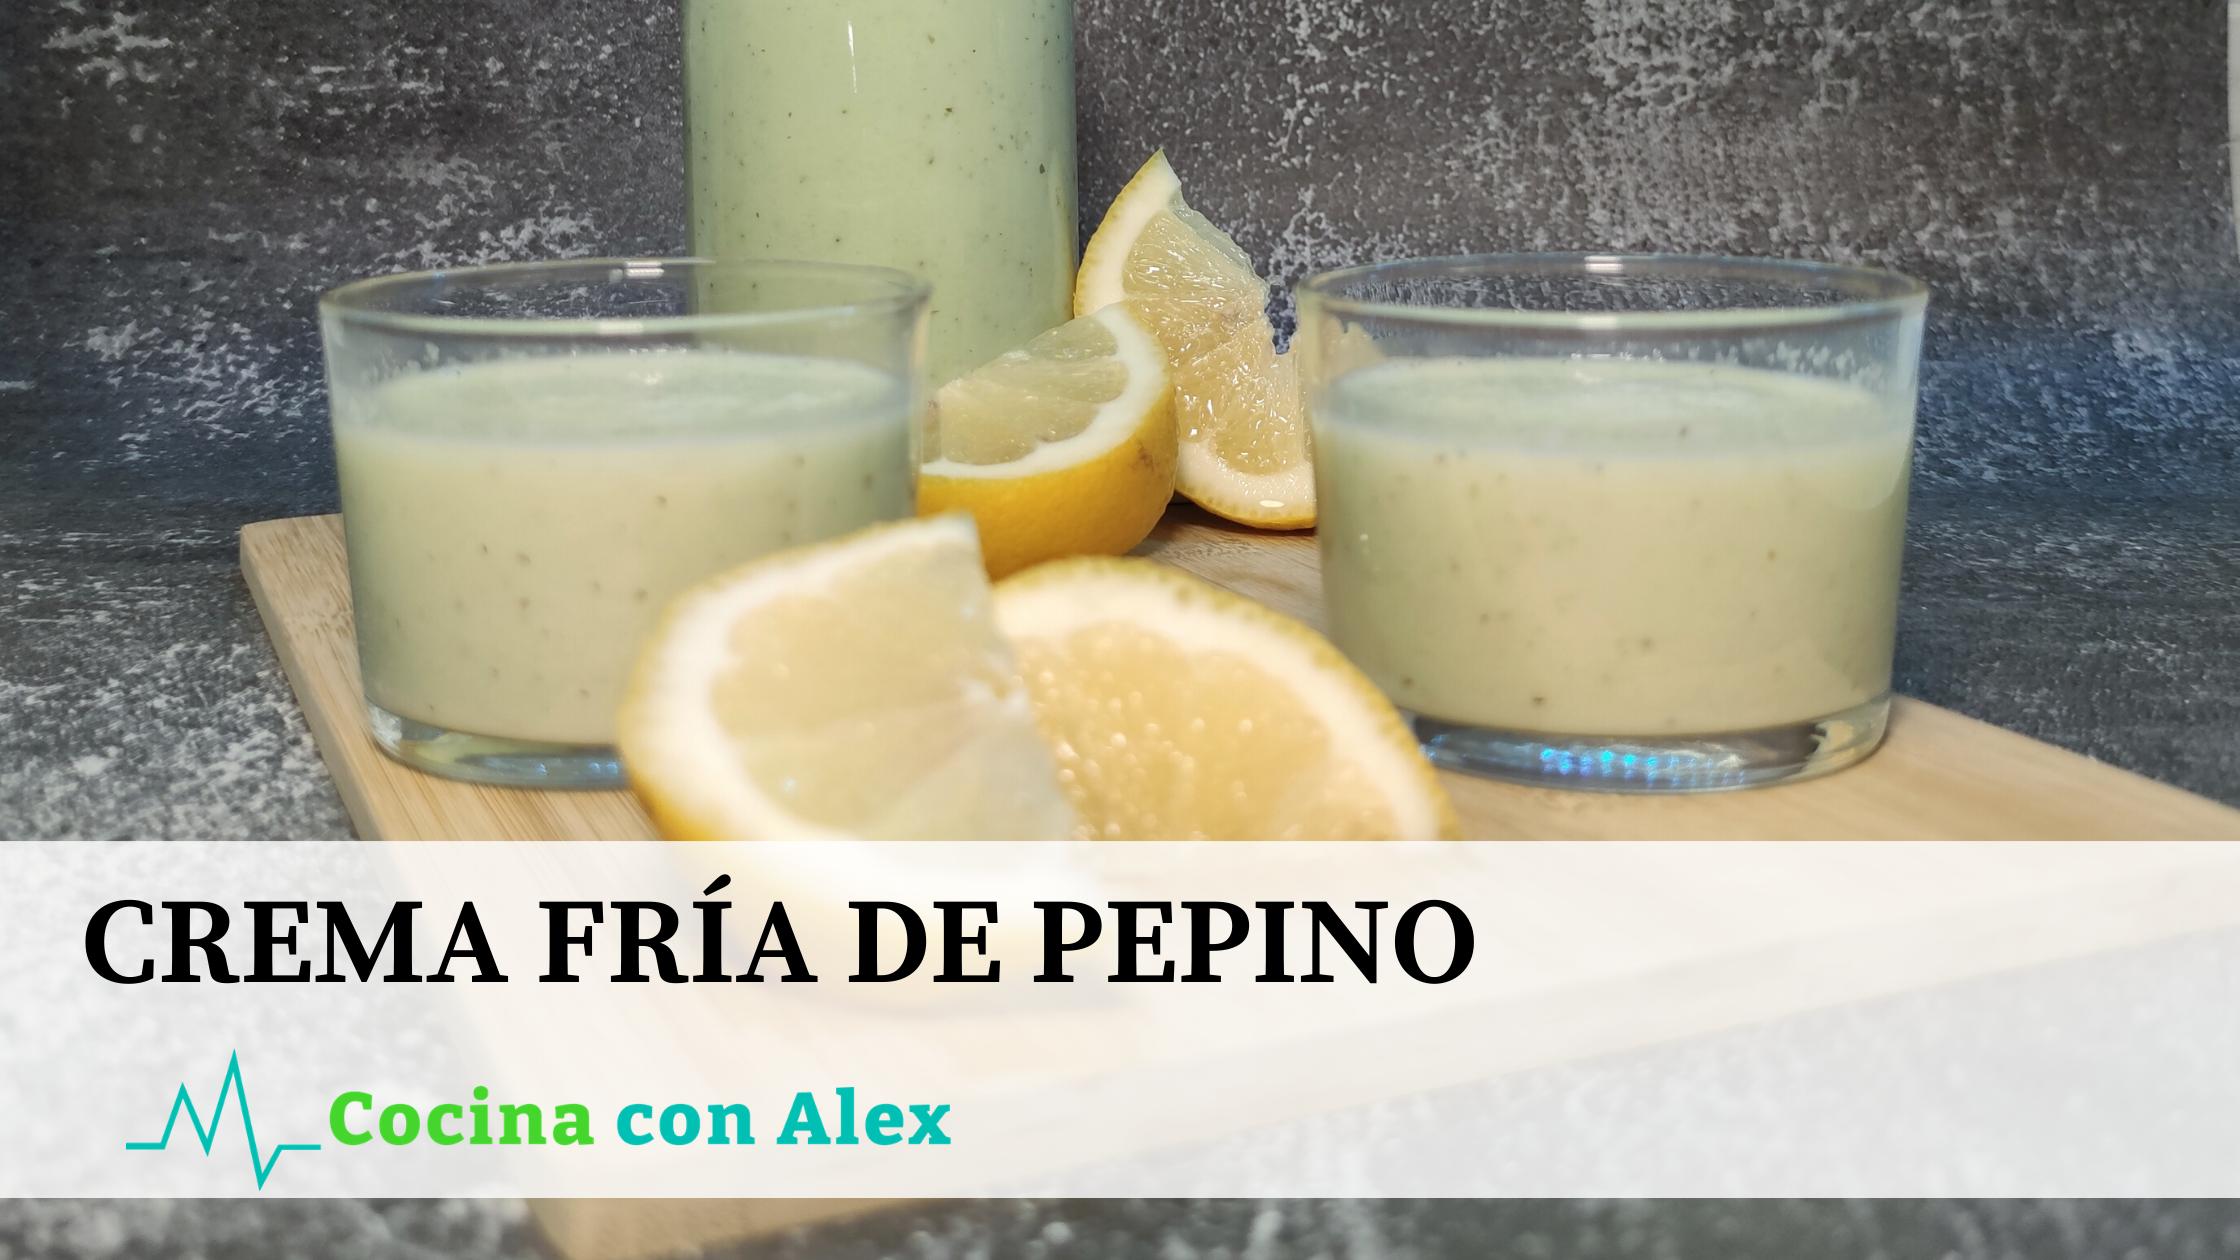 Crema fría de pepino by Alex Arroyo Fit. Perfecta crema fría para este verano seguir cuidando de tu cuerpo y la dieta, con un sabor increíble.